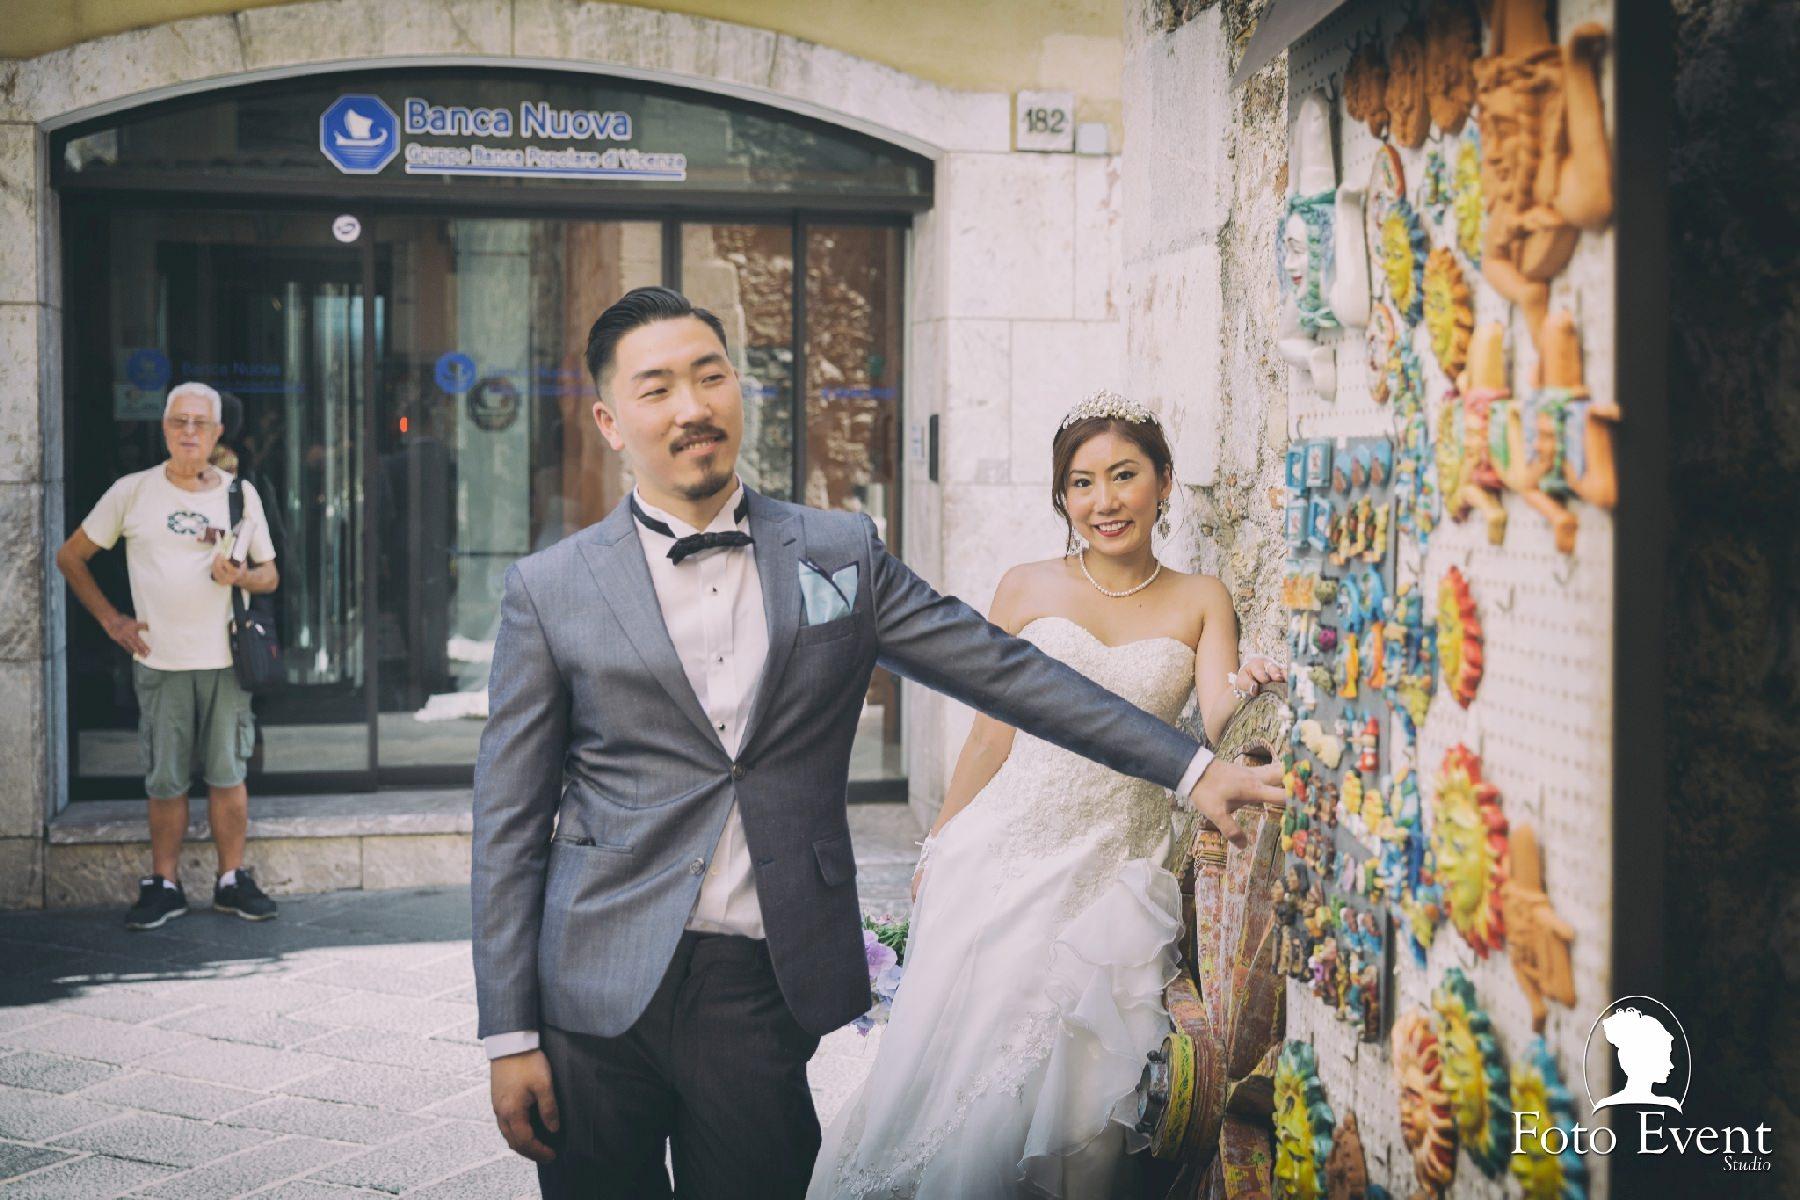 2017-07-15 Matrimonio Sayaka e Keiichi Ando 206 CD FOTO